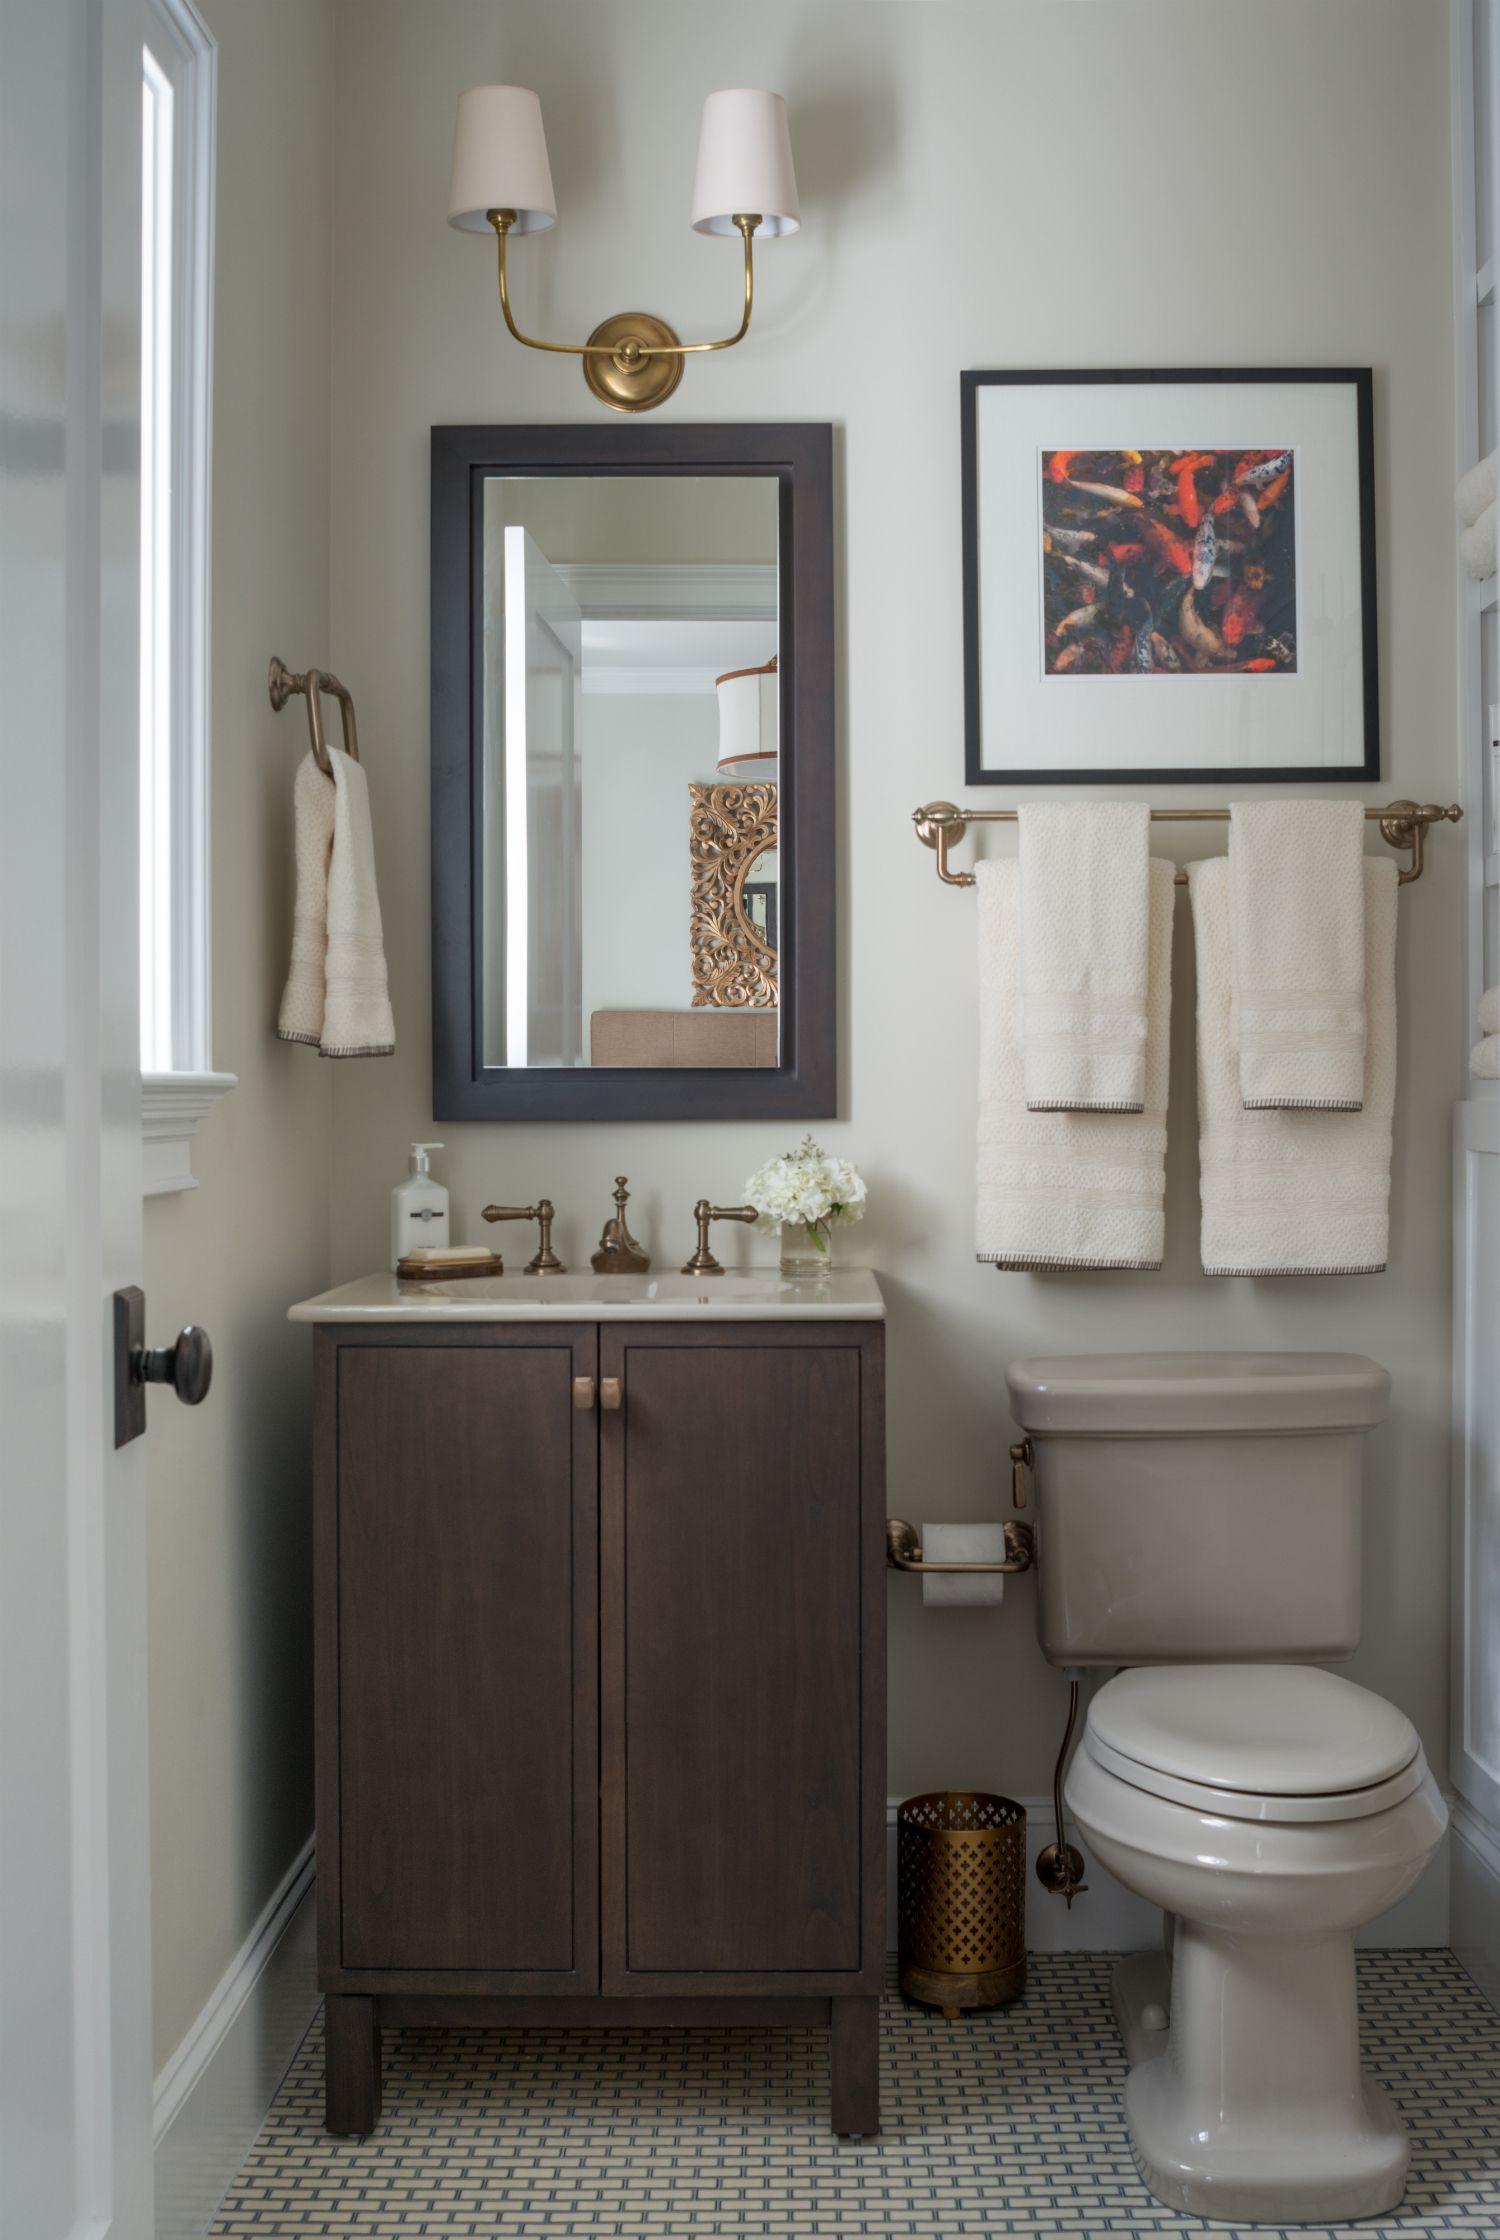 mondavihome Guest Bathroom with Benjamin Moore s walls Aura Bath & Spa